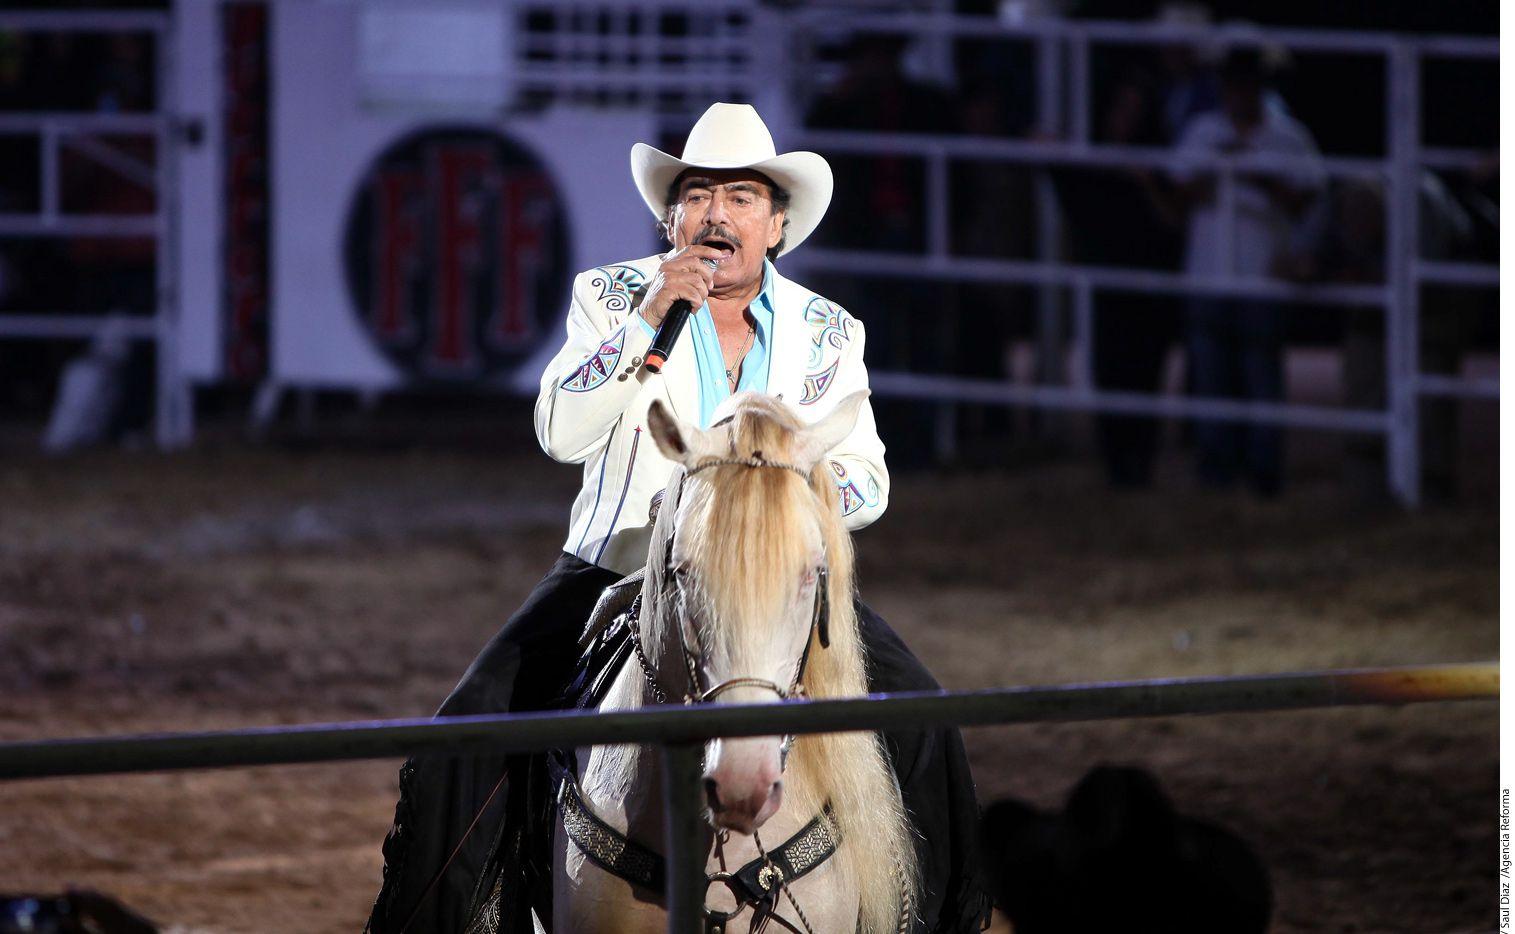 El cantautor Joan Sebastian habría solicitado un préstamo en el 2013./ AGENCIA REFORMA